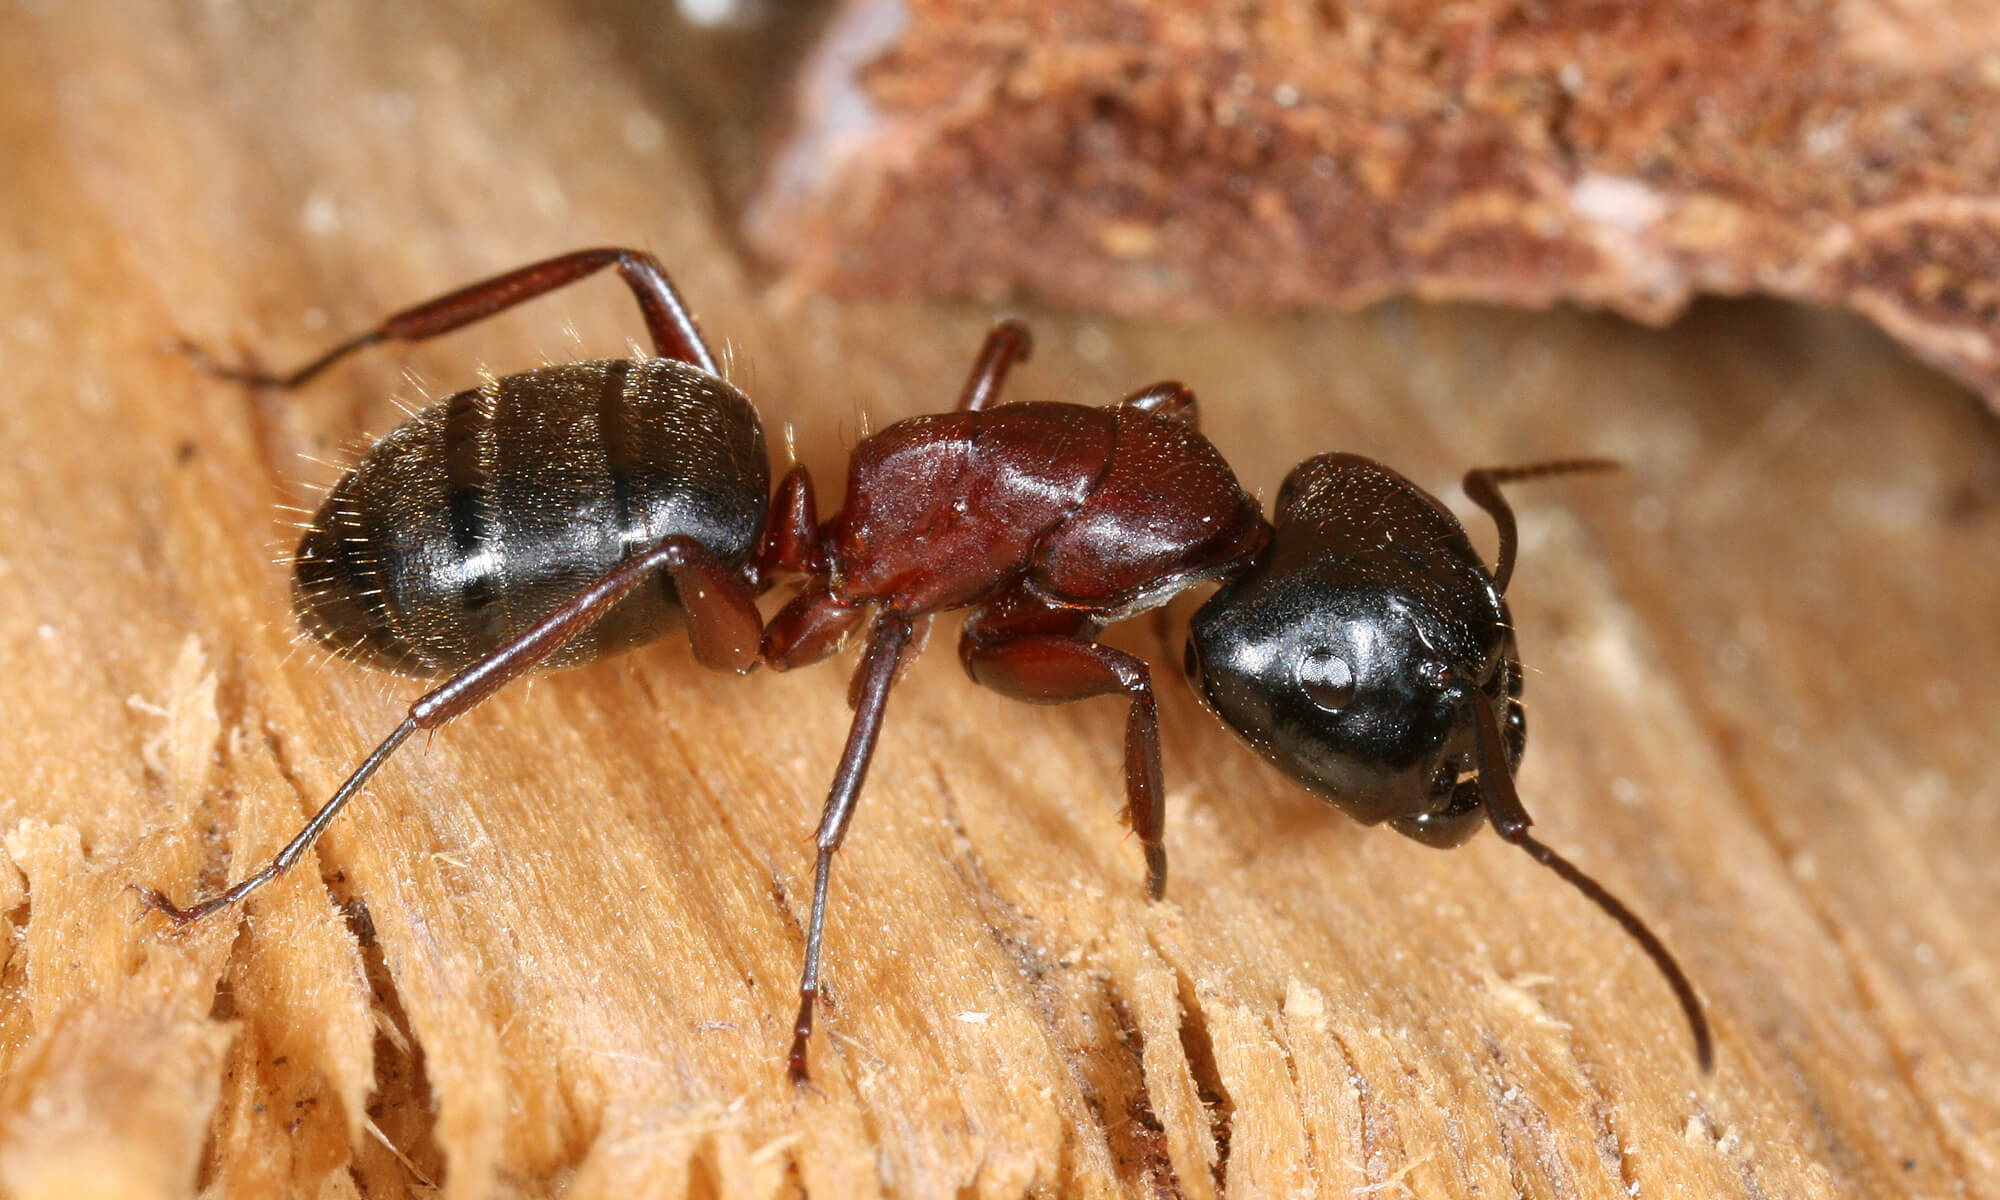 Comment Se Débarrasser Des Fourmis Dans Ma Maison bédard gestion parasitaire et déprédation – fourmis